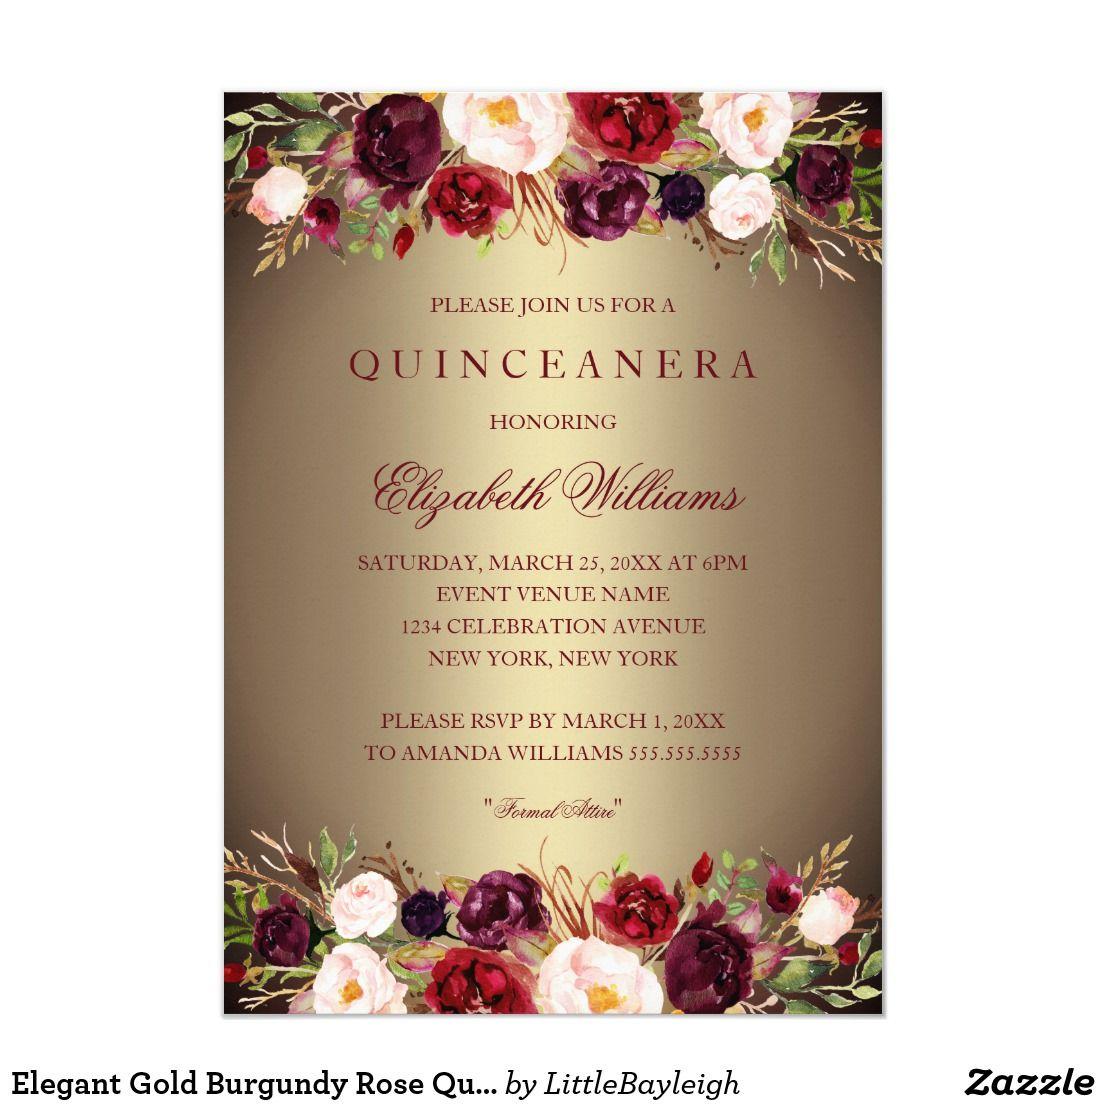 Elegant Gold Burgundy Rose Quinceanera Invite